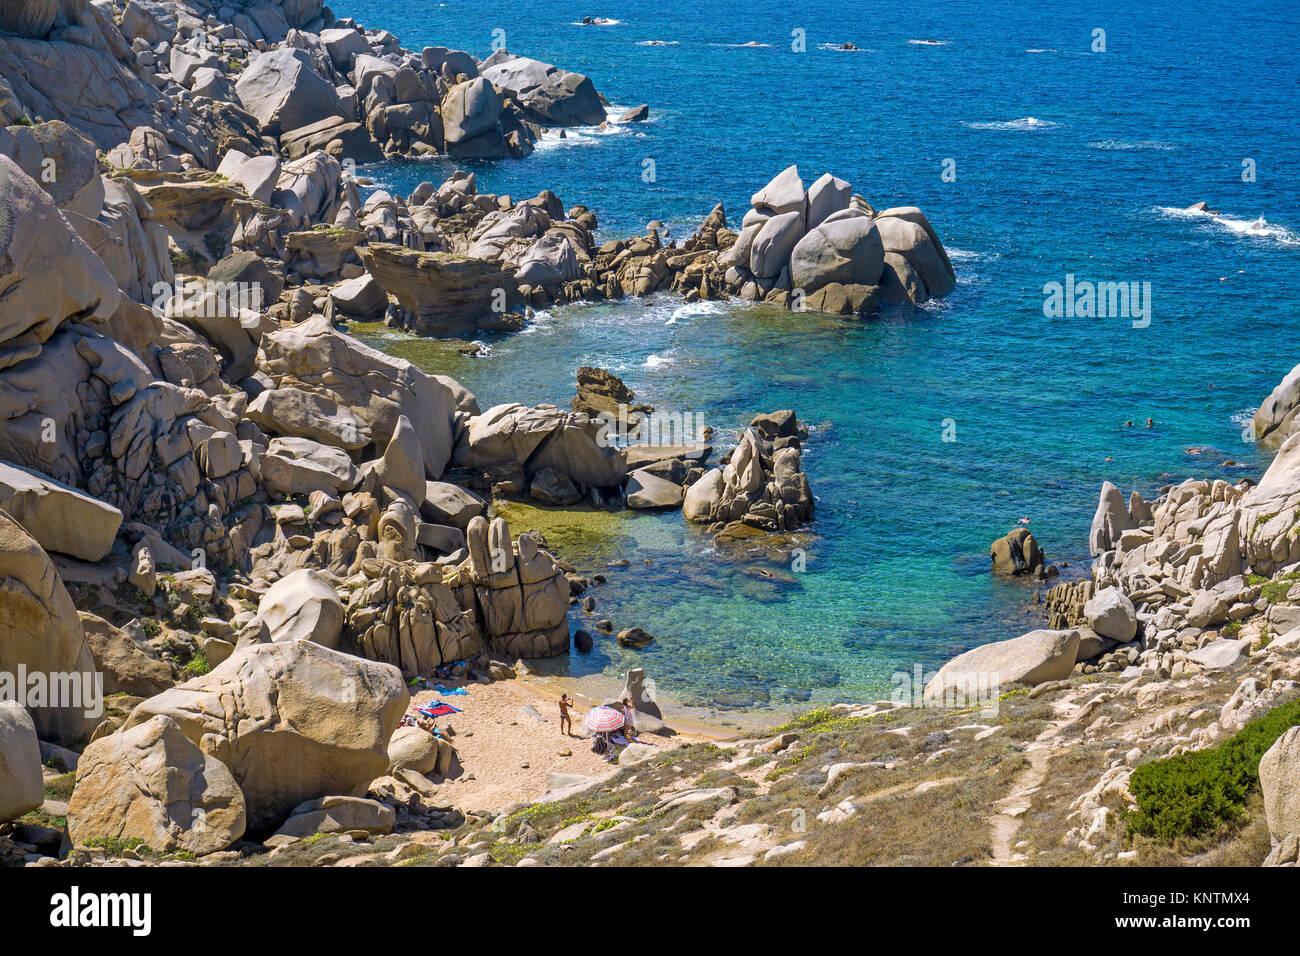 Pequeña playa rodeada de rocas de granito en Capo Testa, Santa Teresa di Gallura, Cerdeña, Italia, el mar Mediterráneo, Foto de stock